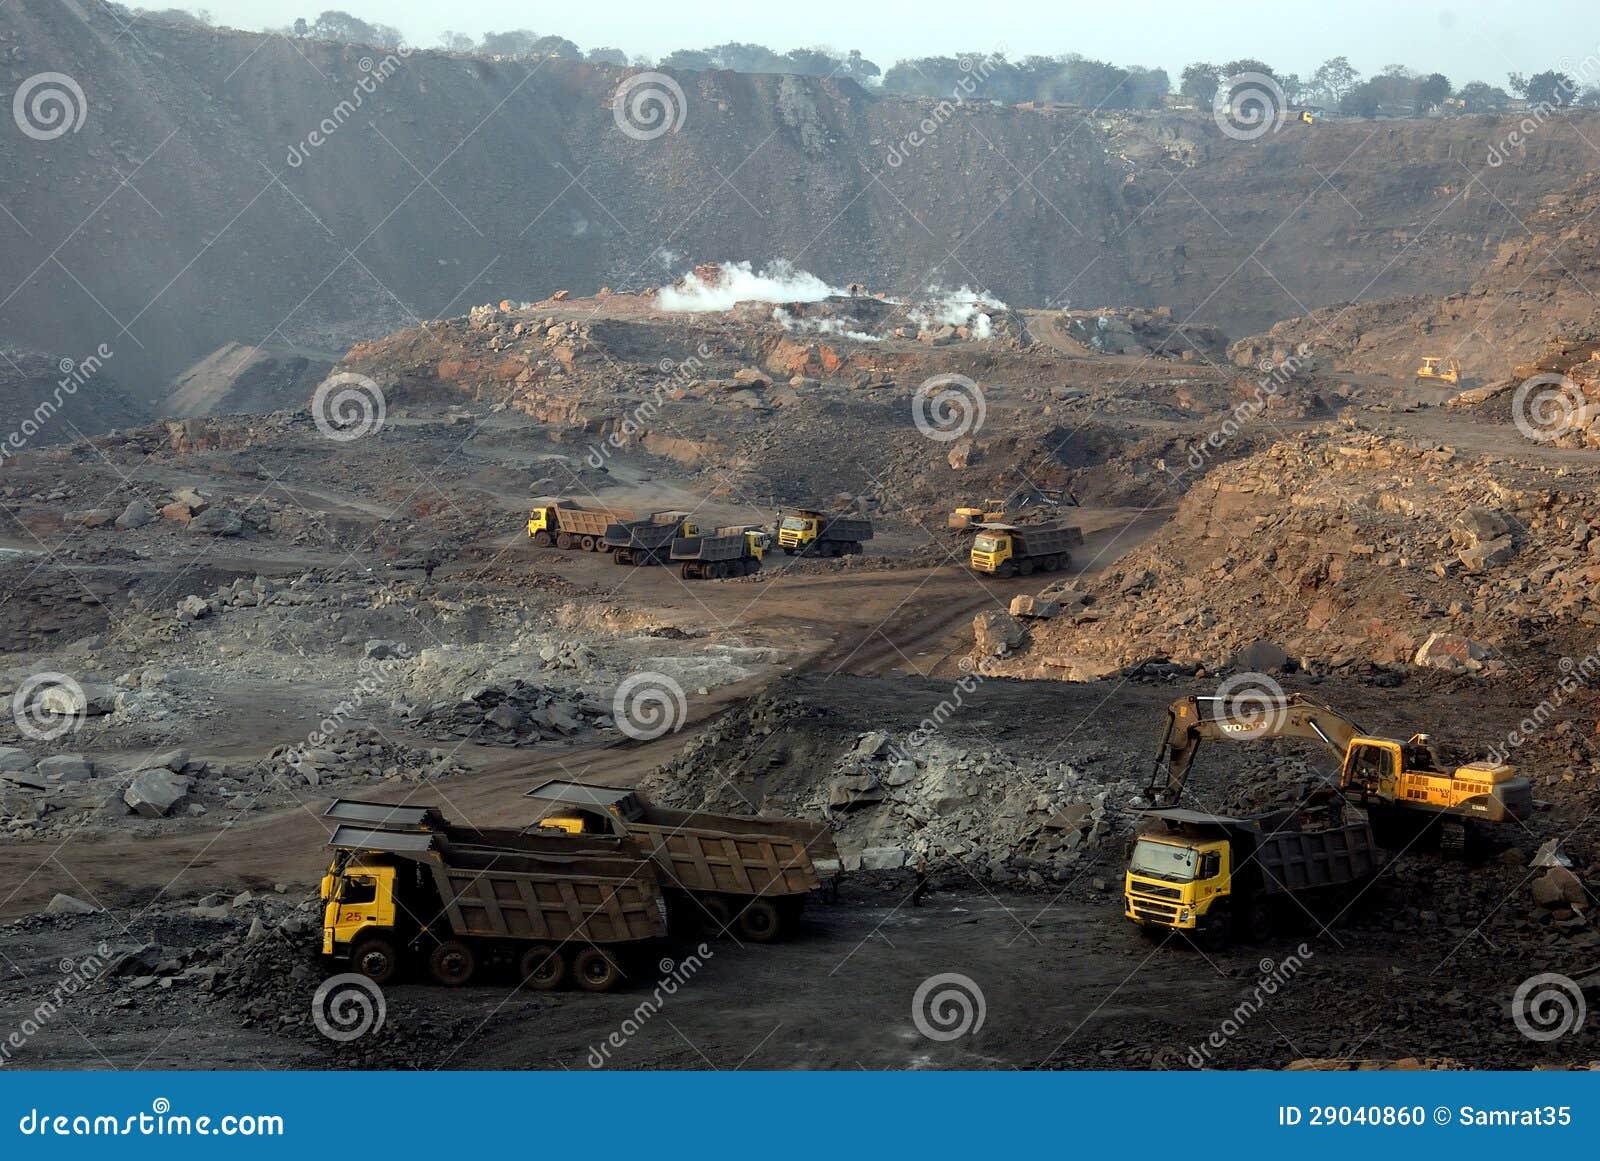 Indische Kohlenbergwerke im Tagebau